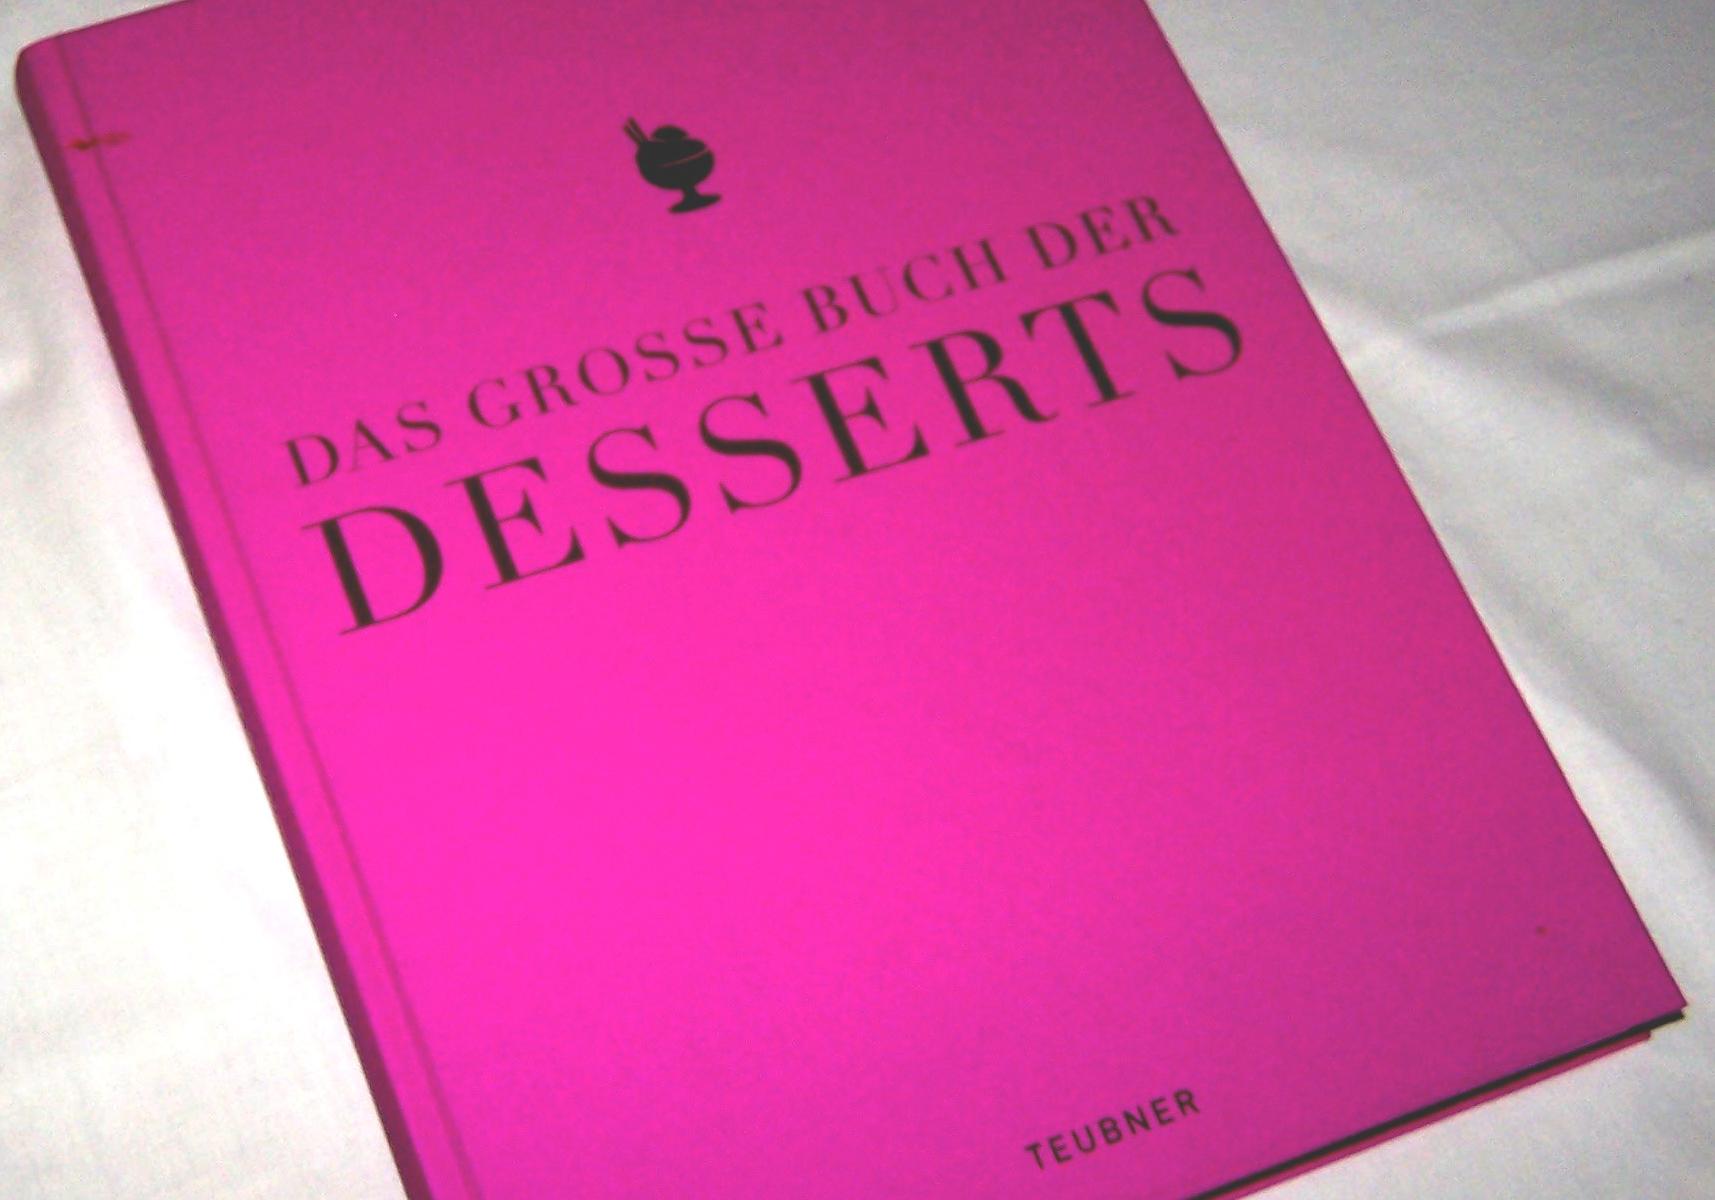 Literatur - Sachbücher - Das große Buch der Desserts, Teubner-Verlag